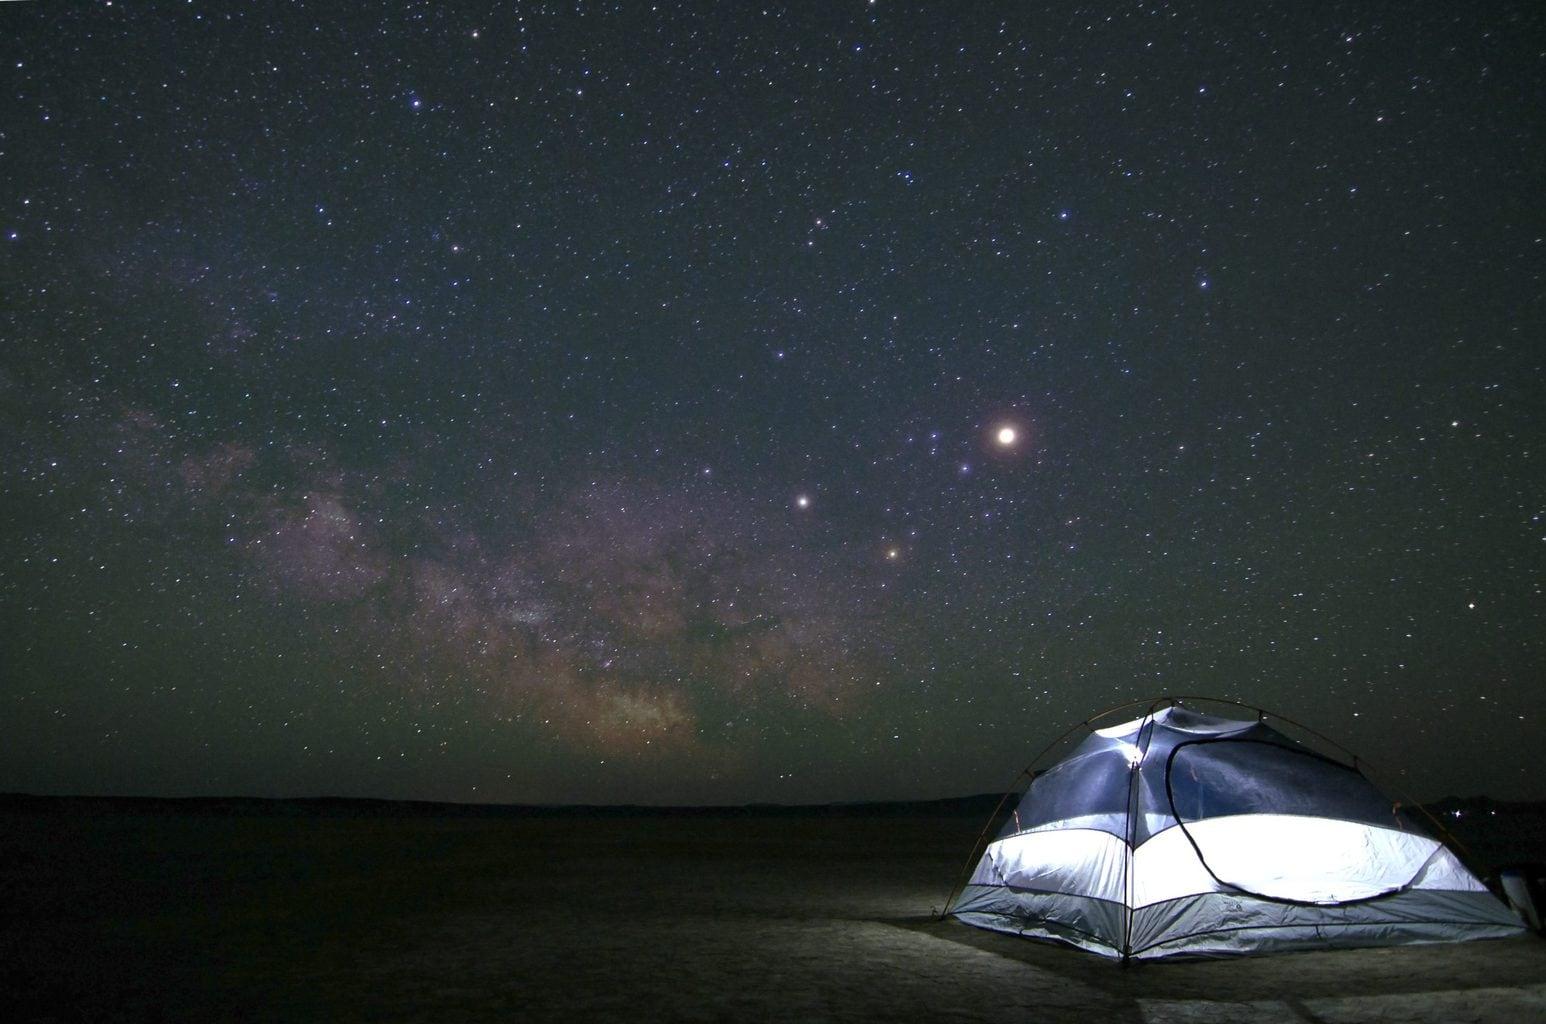 Een tent onder de sterren in de Duitse deelstaat Hessen